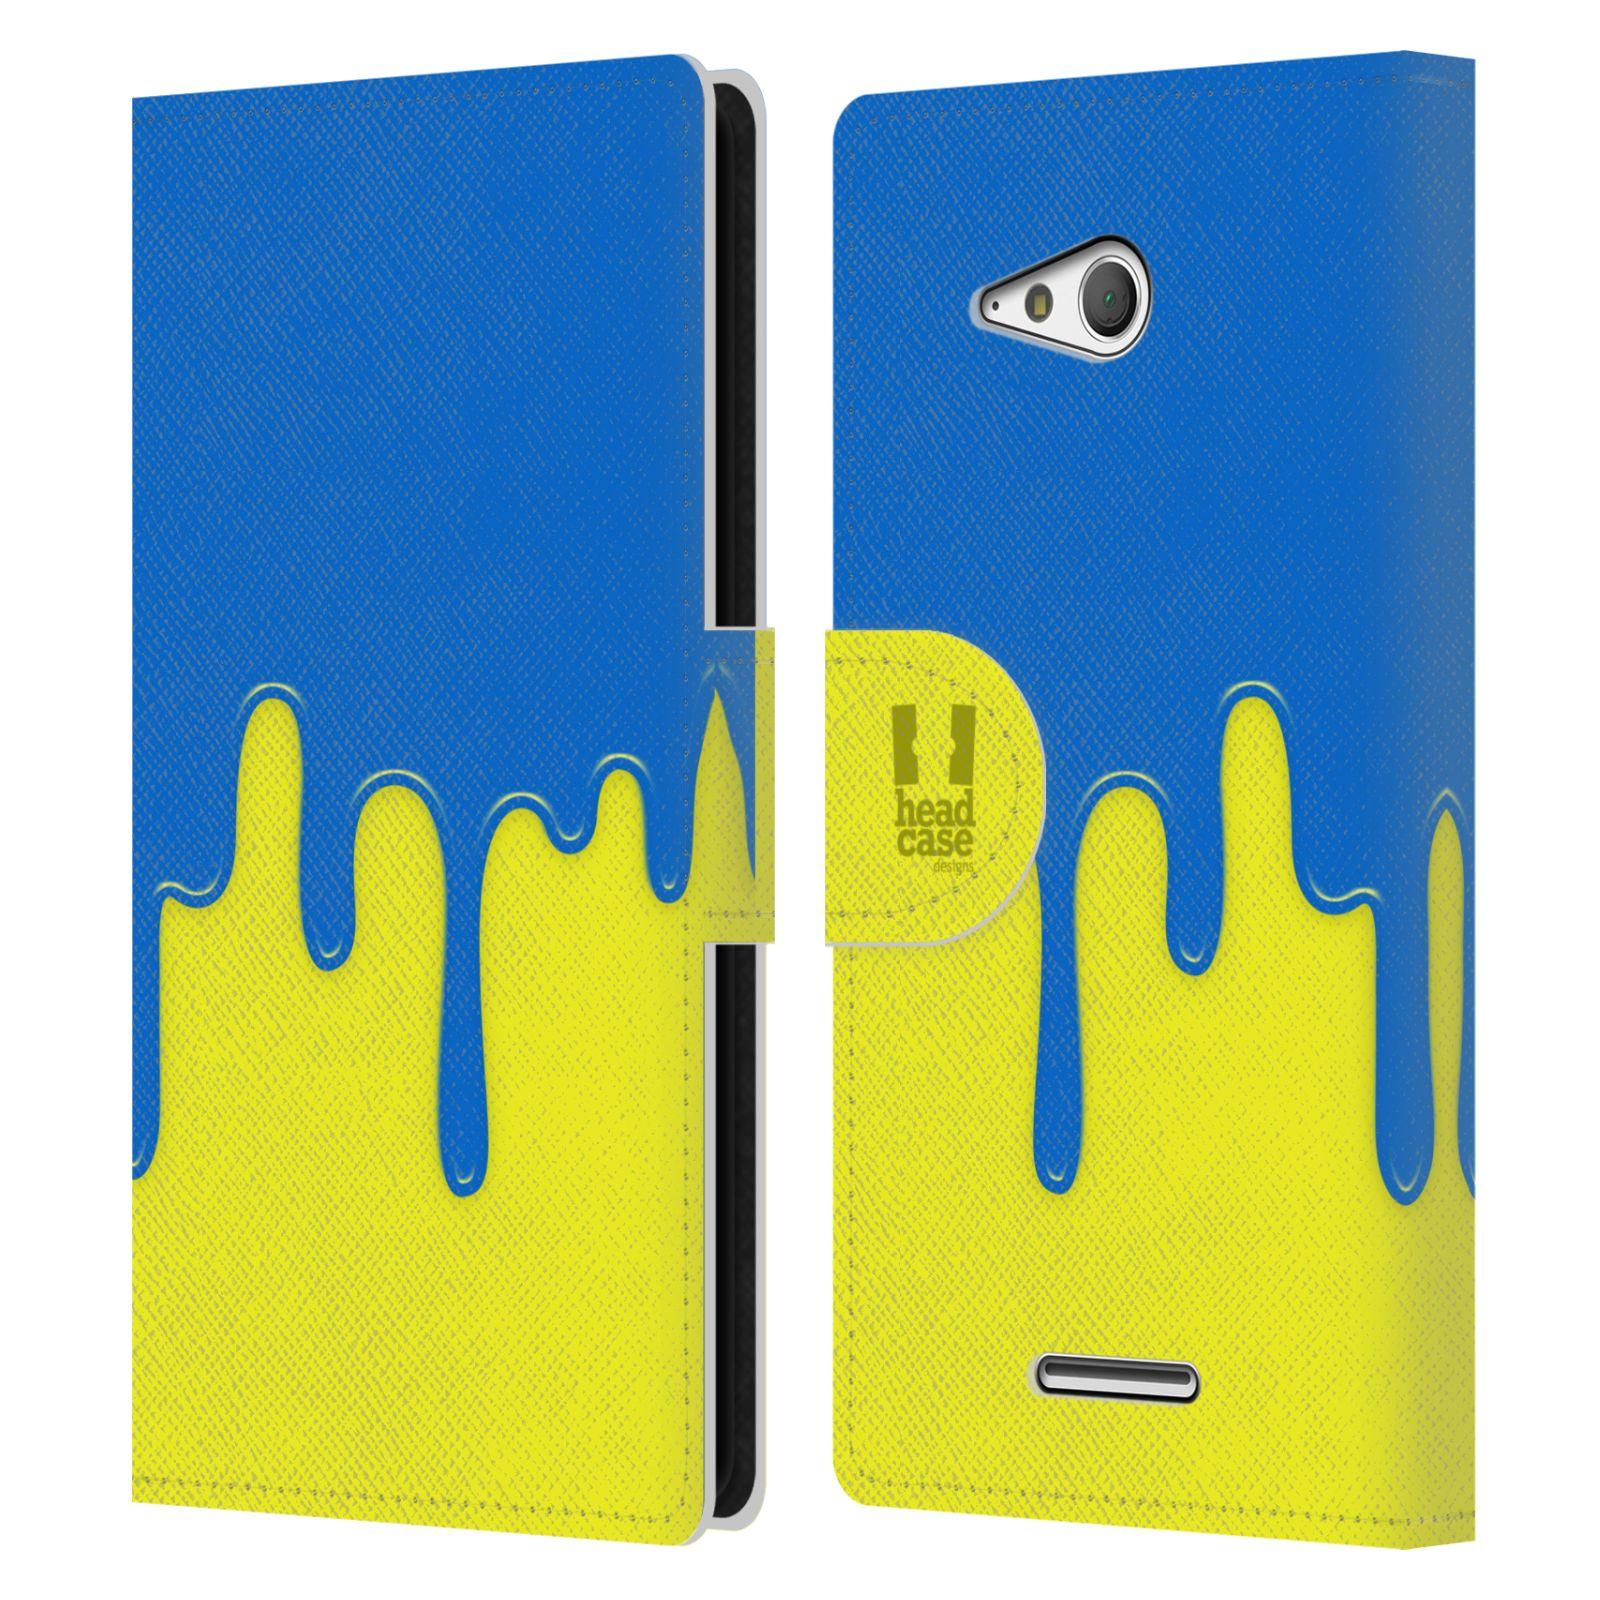 HEAD CASE Flipové pouzdro pro mobil SONY XPERIA E4g Rozlitá barva modrá a žlutá